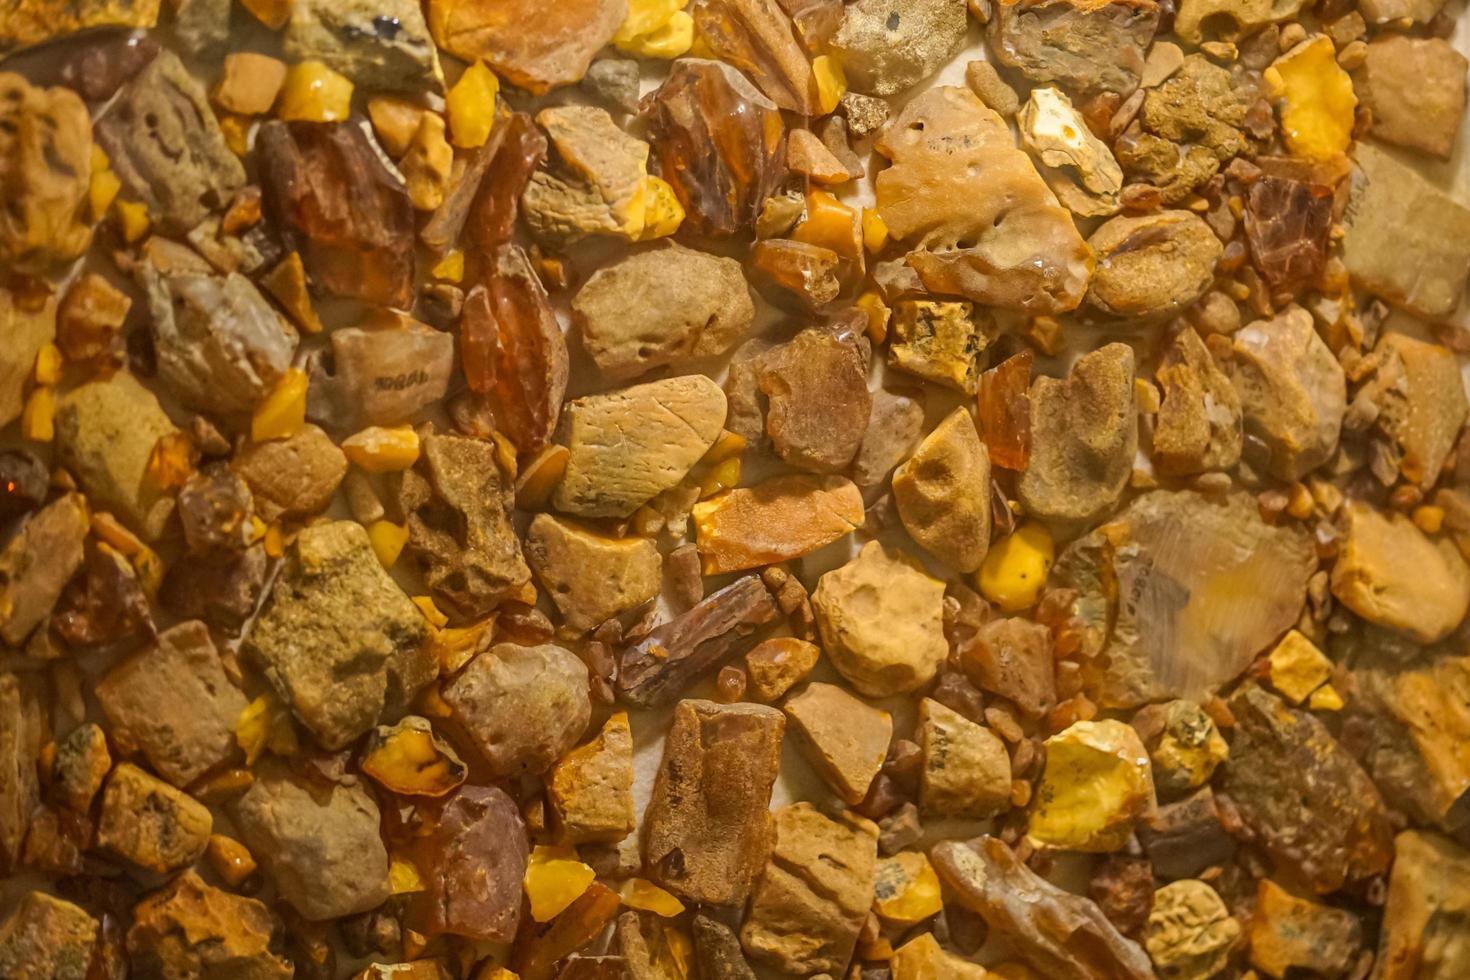 sullo sfondo la grande ambra naturale di diverse sfumature di giallo e arancio foto